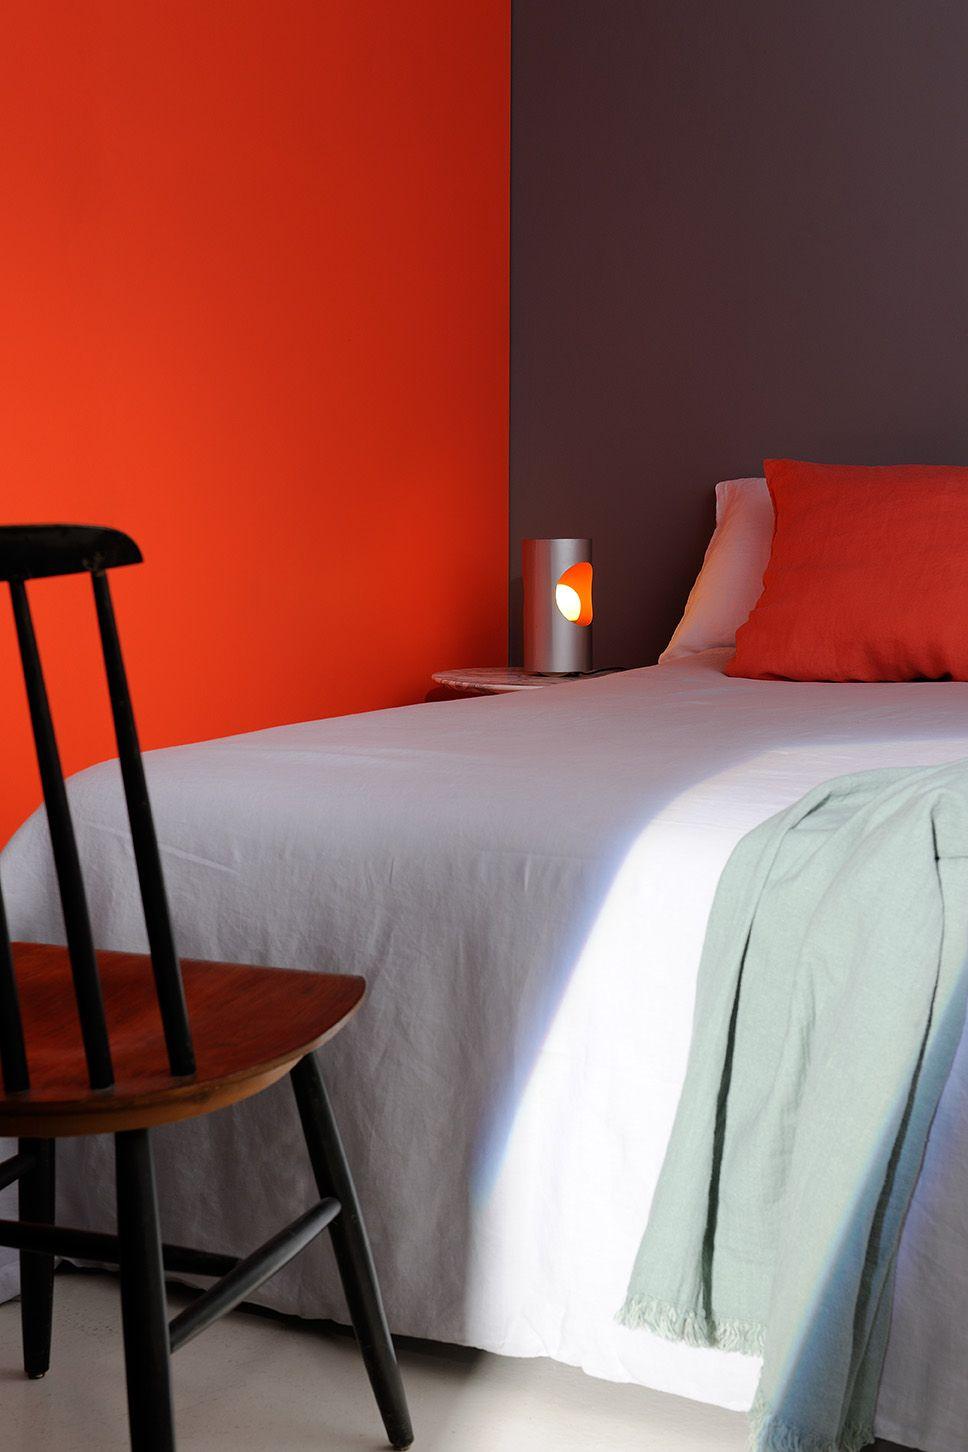 Bon Une Chambre à Lu0027ambiance Créative #zolpan #peinture #gris #orange #